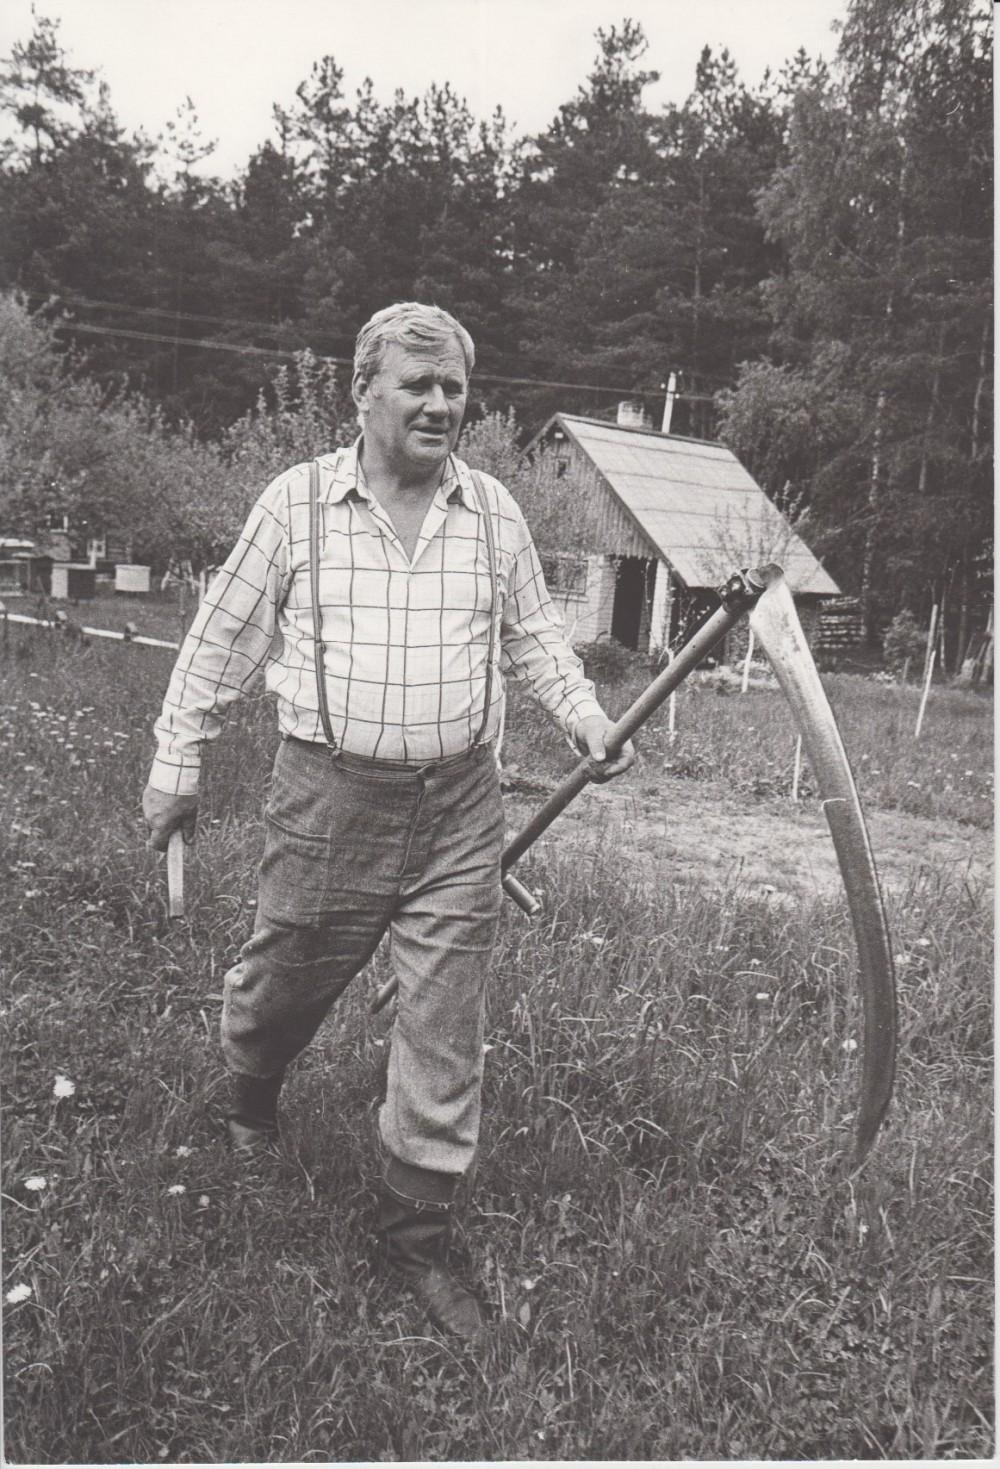 V. Petkevičius Birštone, savo vasarnamyje pjauna žolę, 1987 m. R. Rakausko nuotrauka